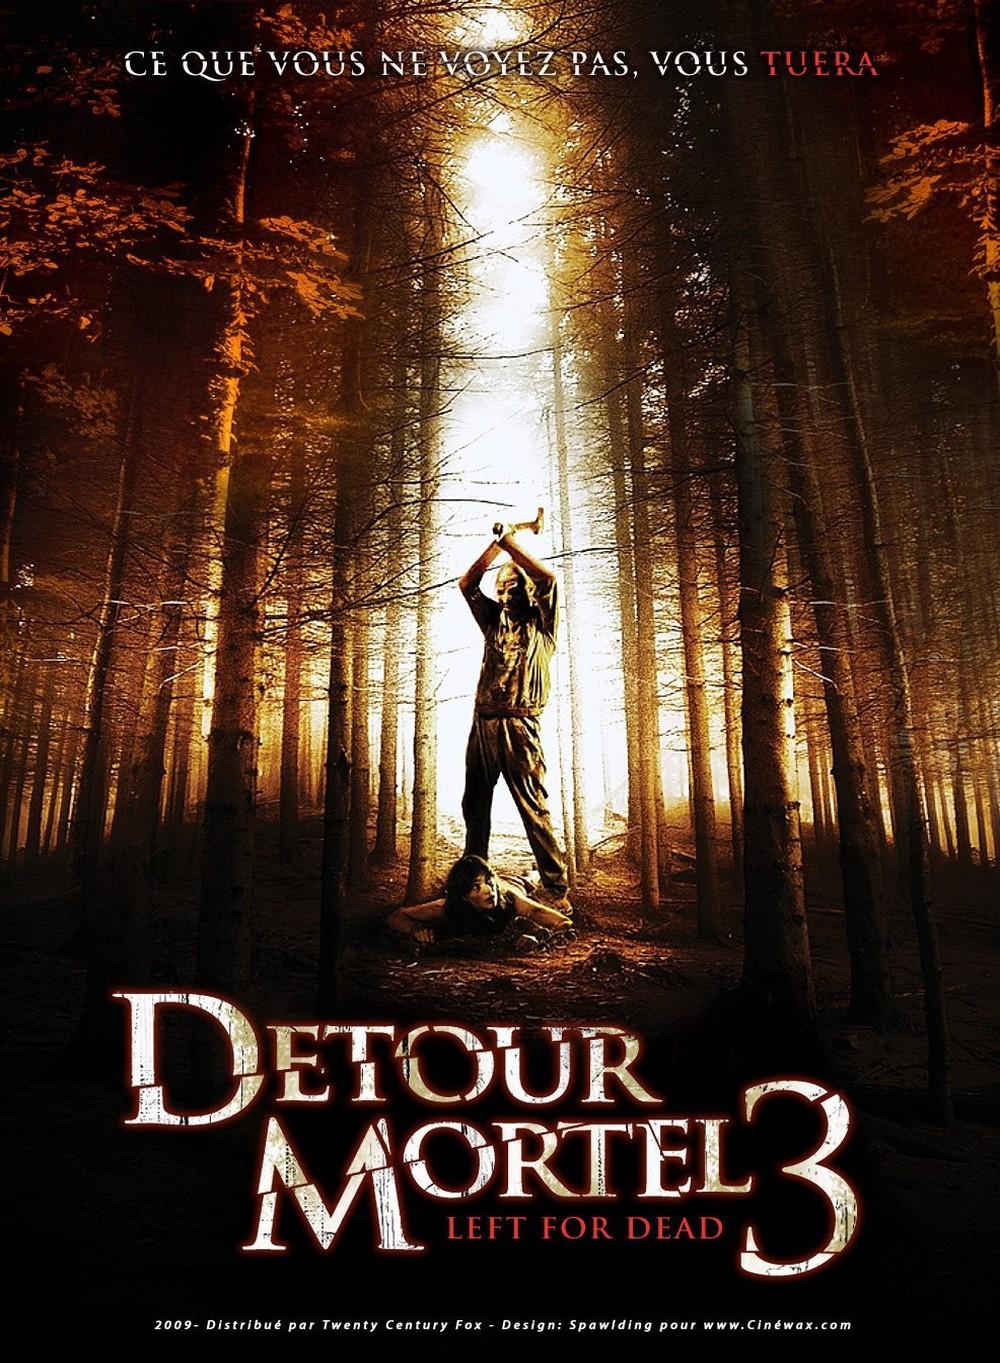 detour mortel 3 vf